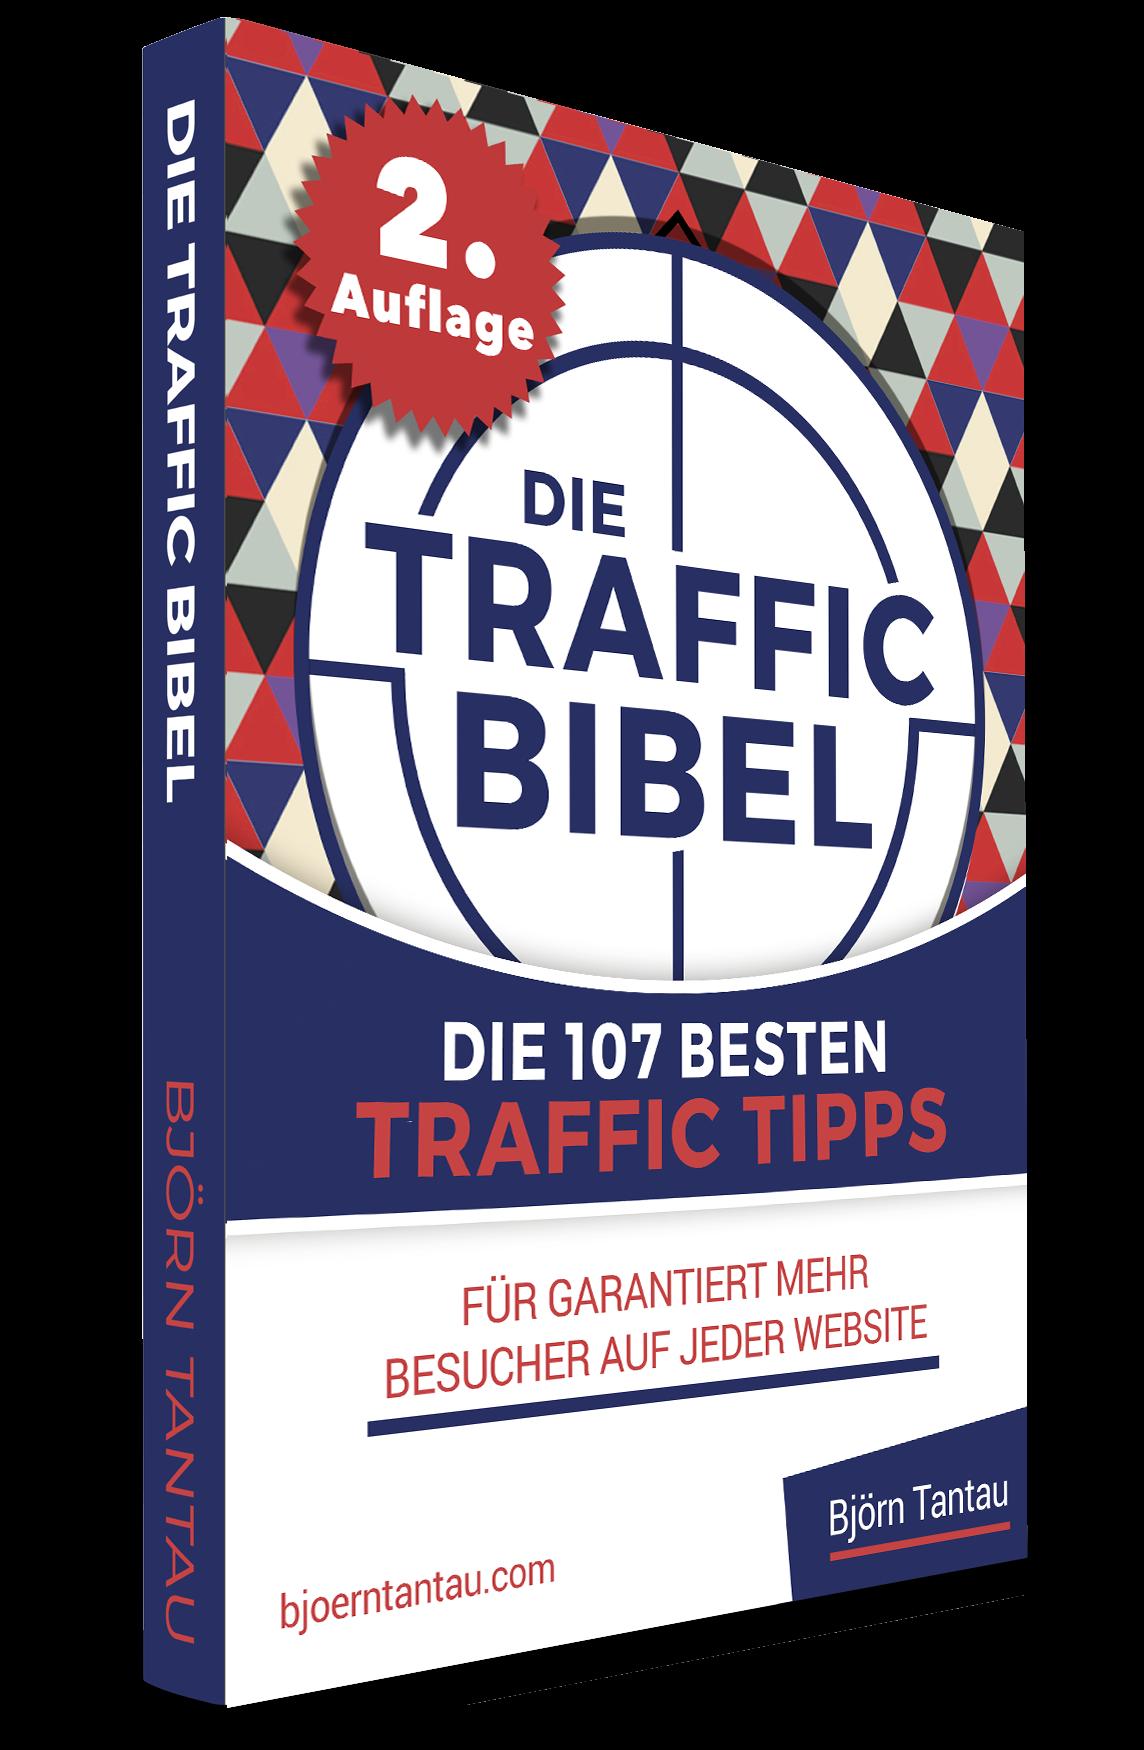 die-traffic-bibel